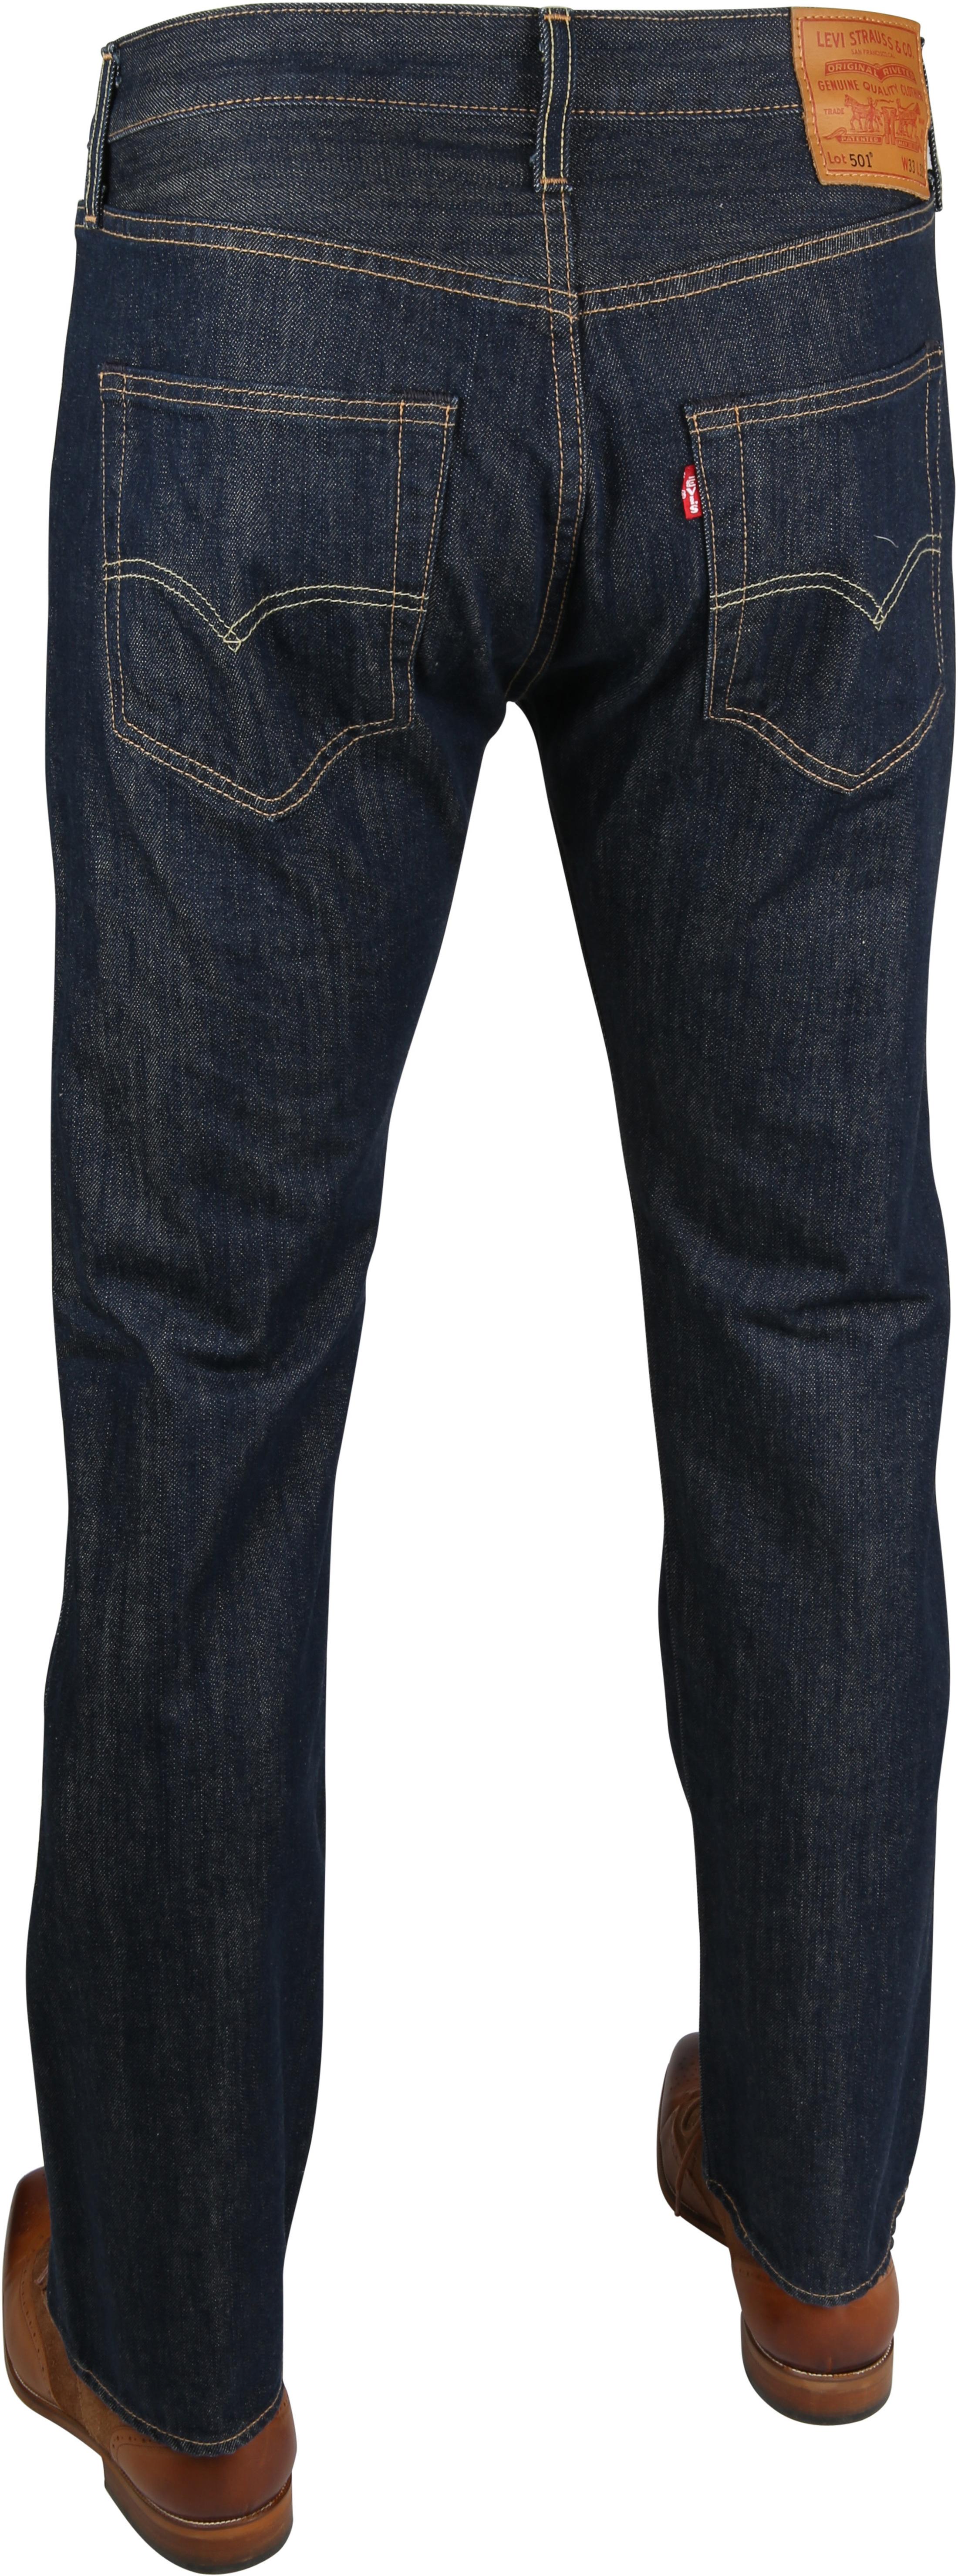 Levi's Jeans 501 Original Fit 0162 foto 3